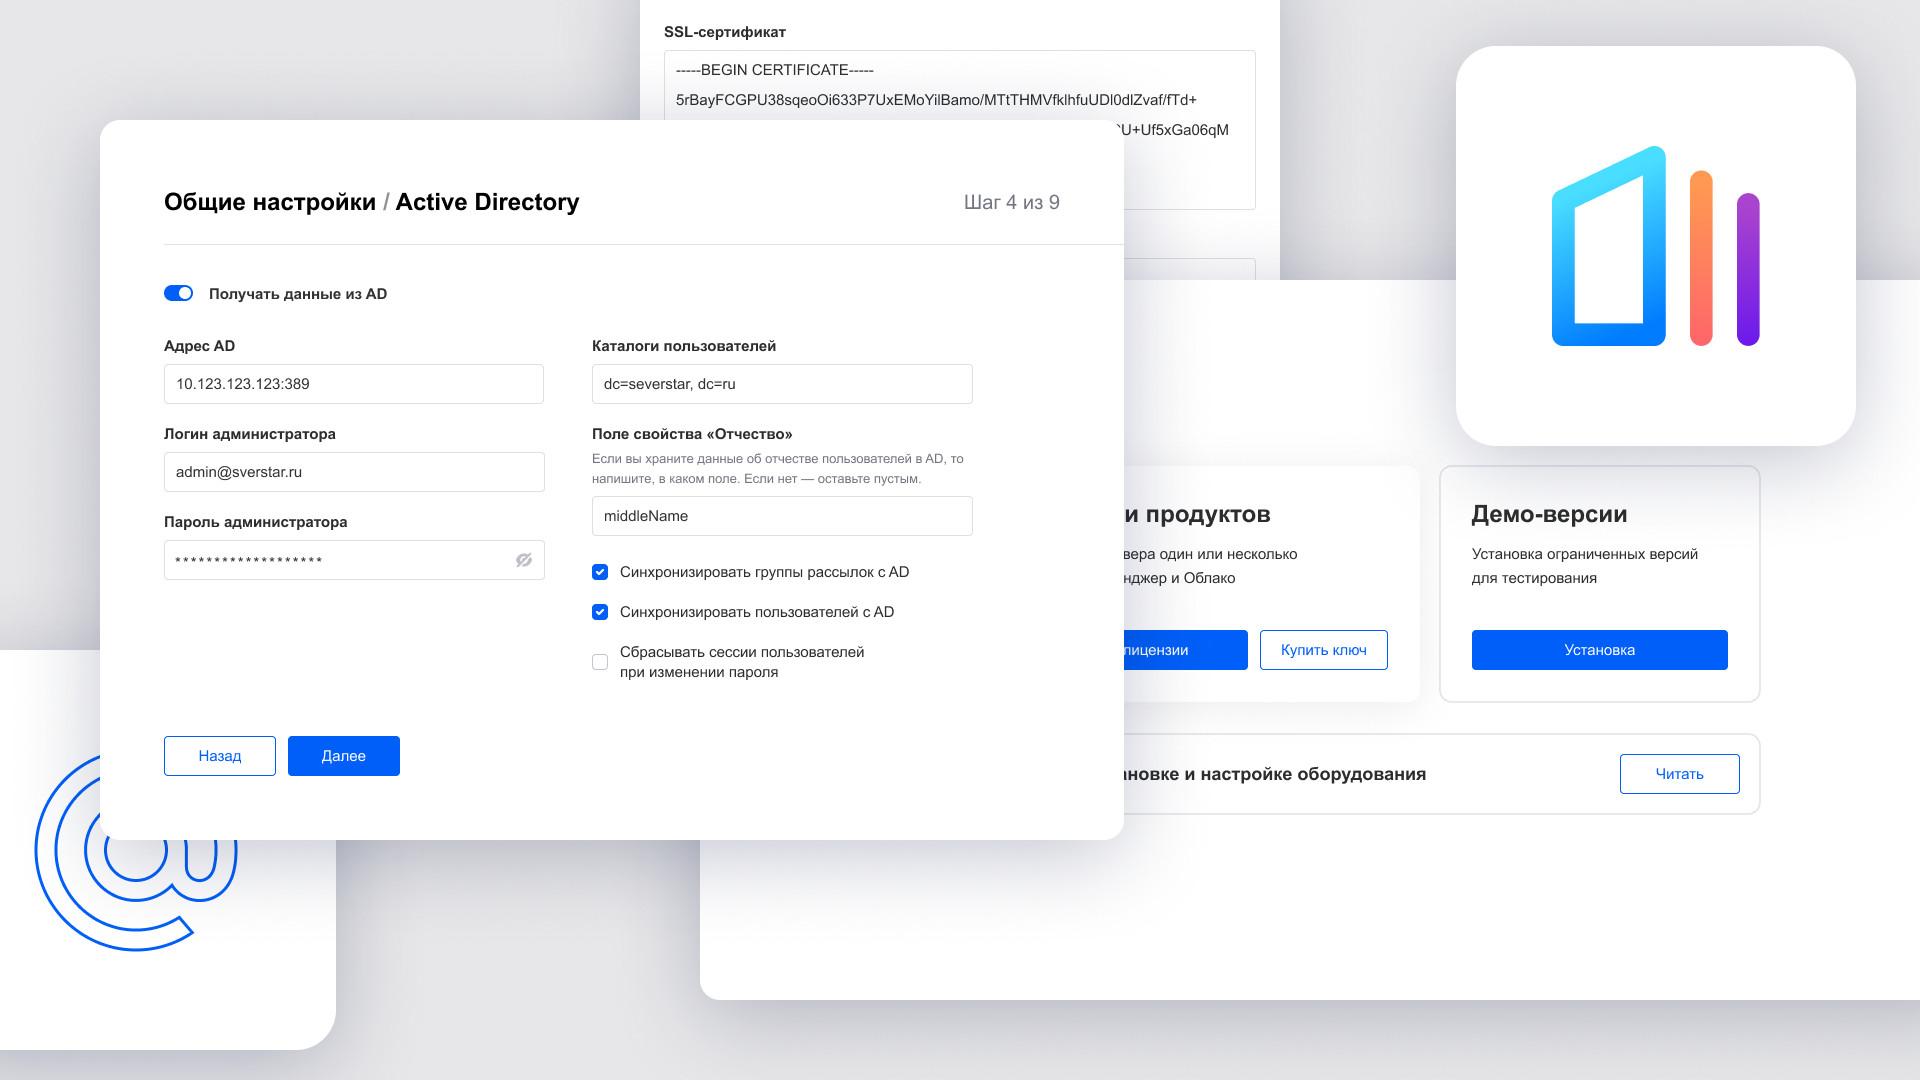 Исследования в сложных B2B-продуктах как это работает в Mail.ru для бизнеса